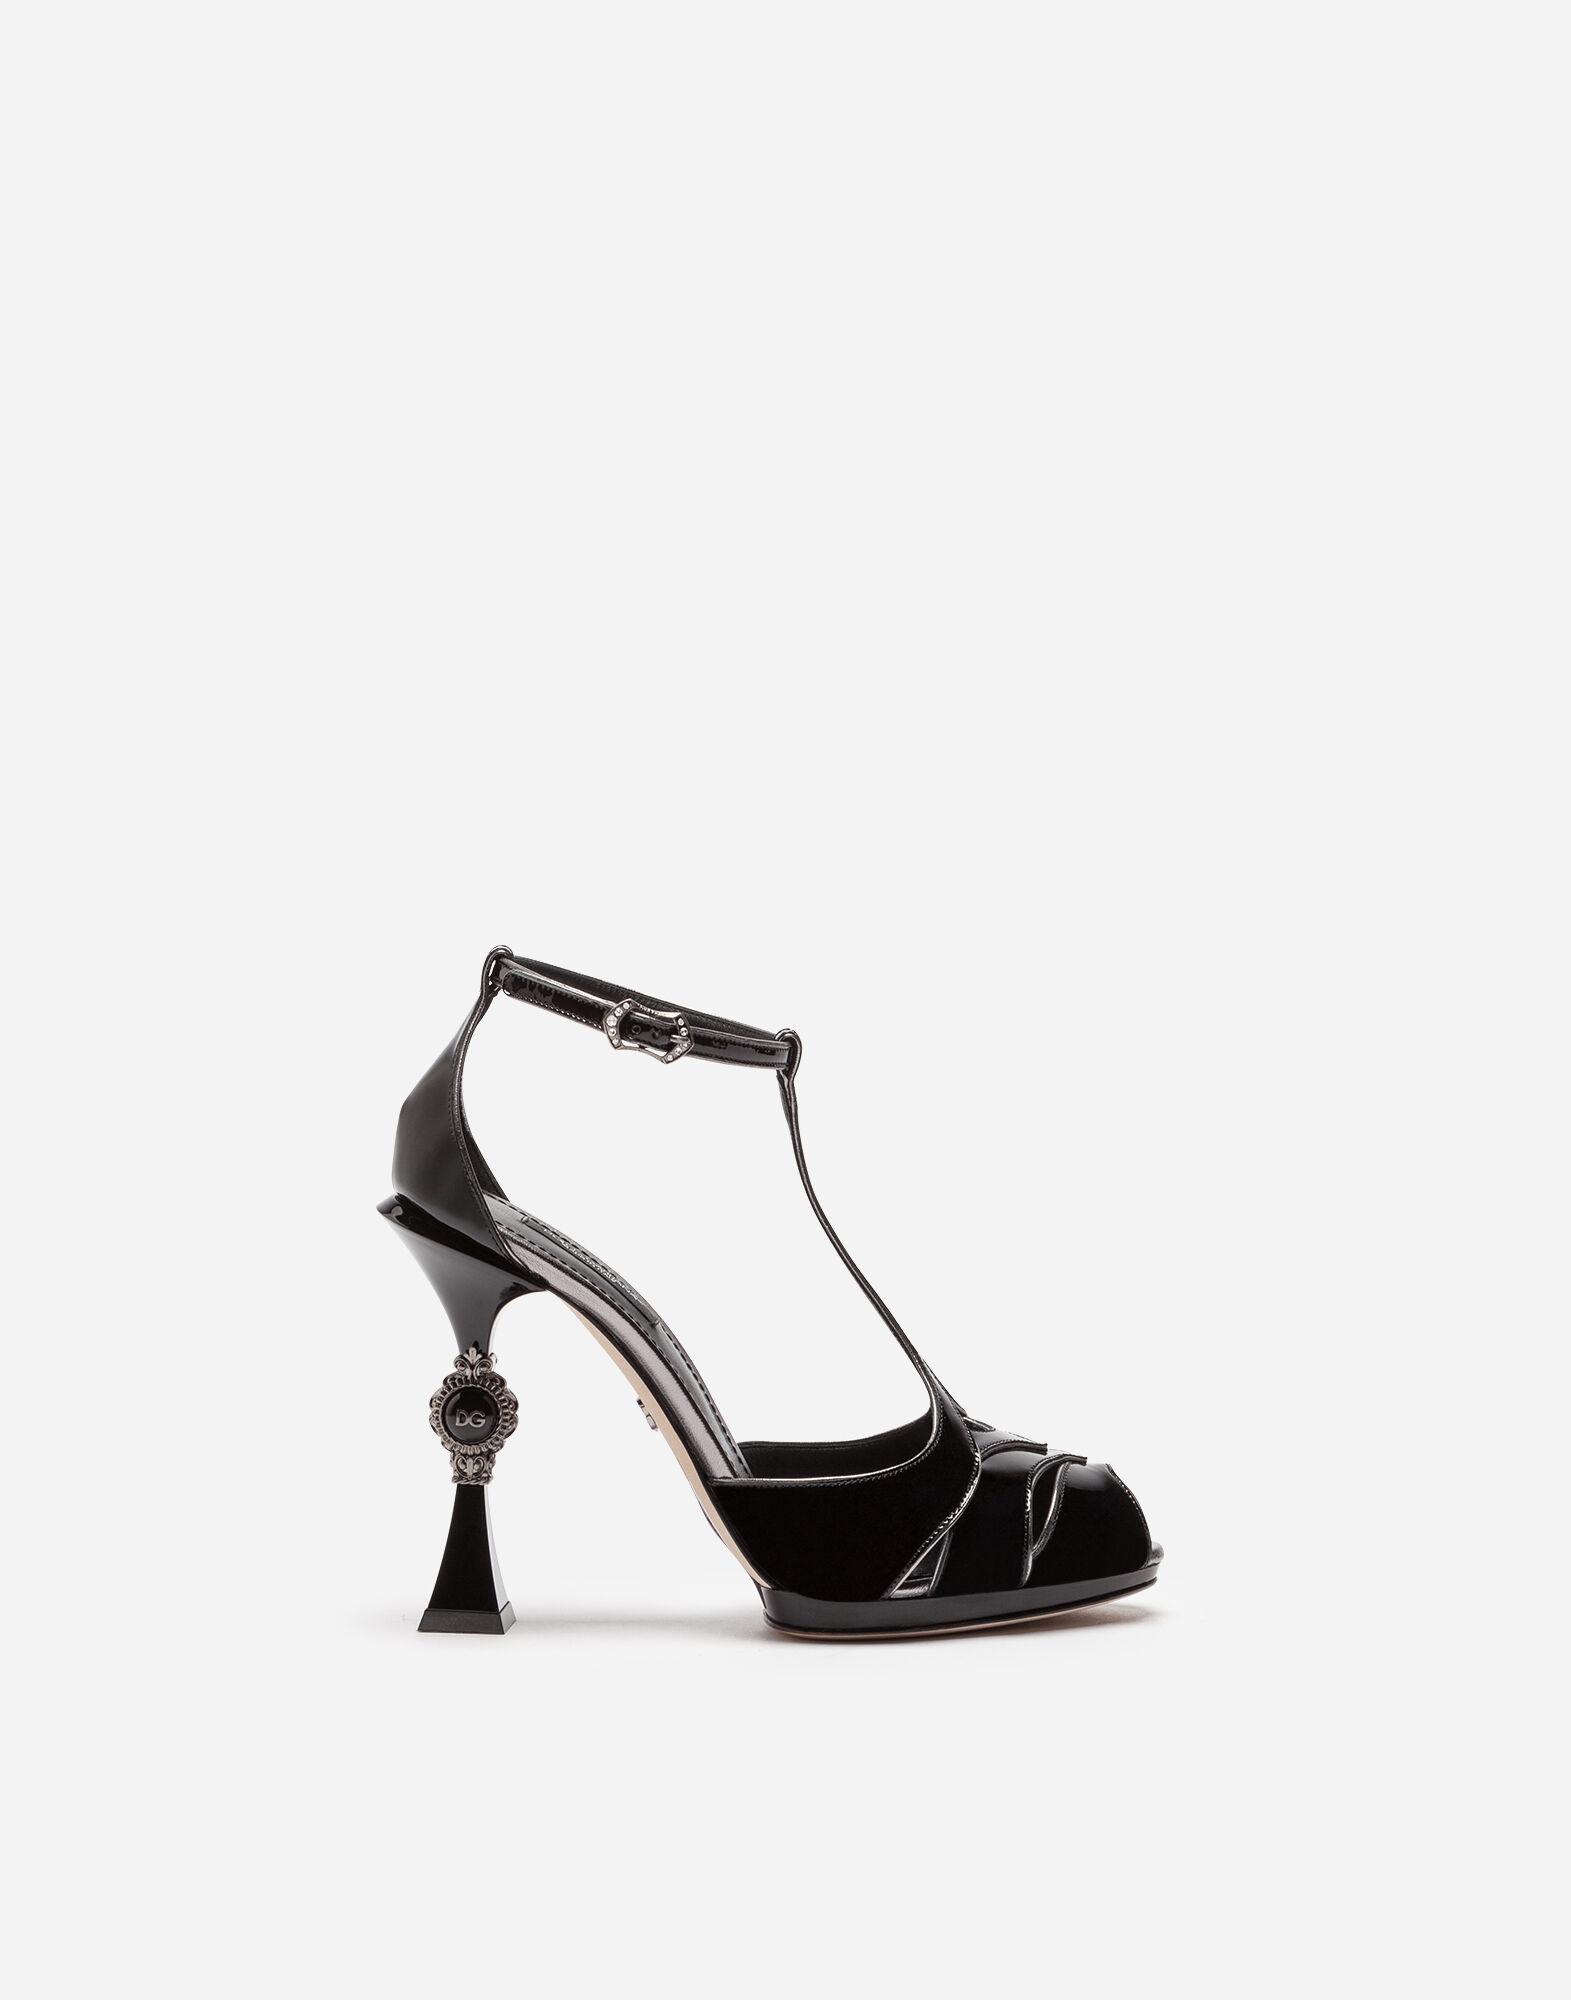 Sandales Sculpté Chaussures Talon FemmeDolce Avec amp;gabbana VUSqMpzG